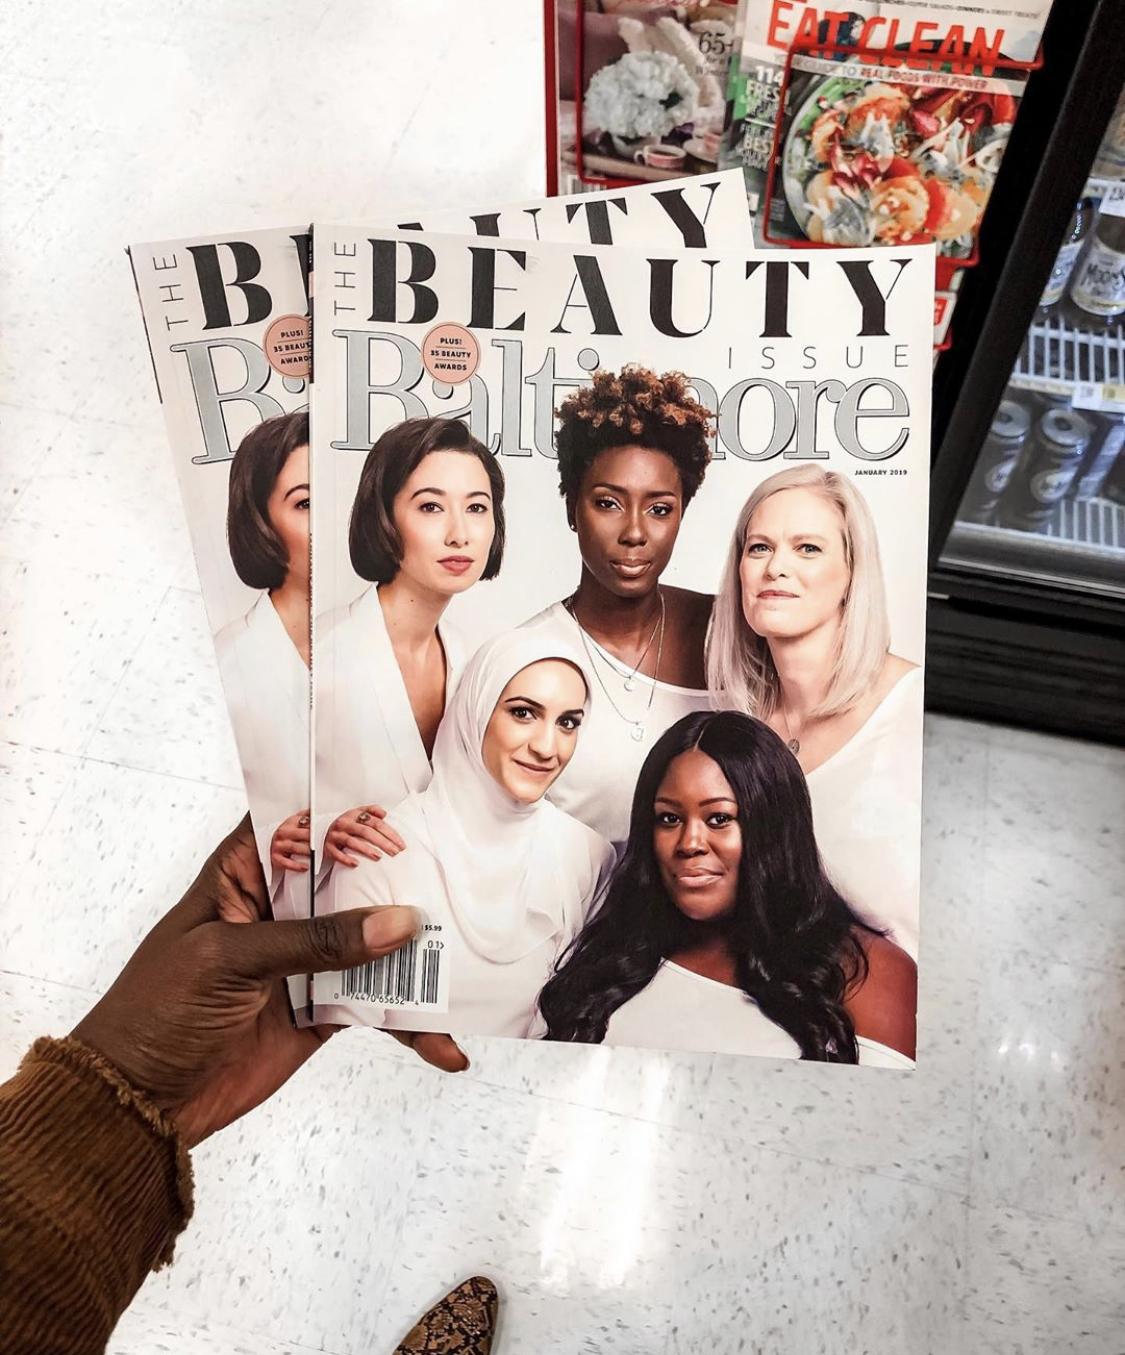 Baltimore Magazine Cover Feature